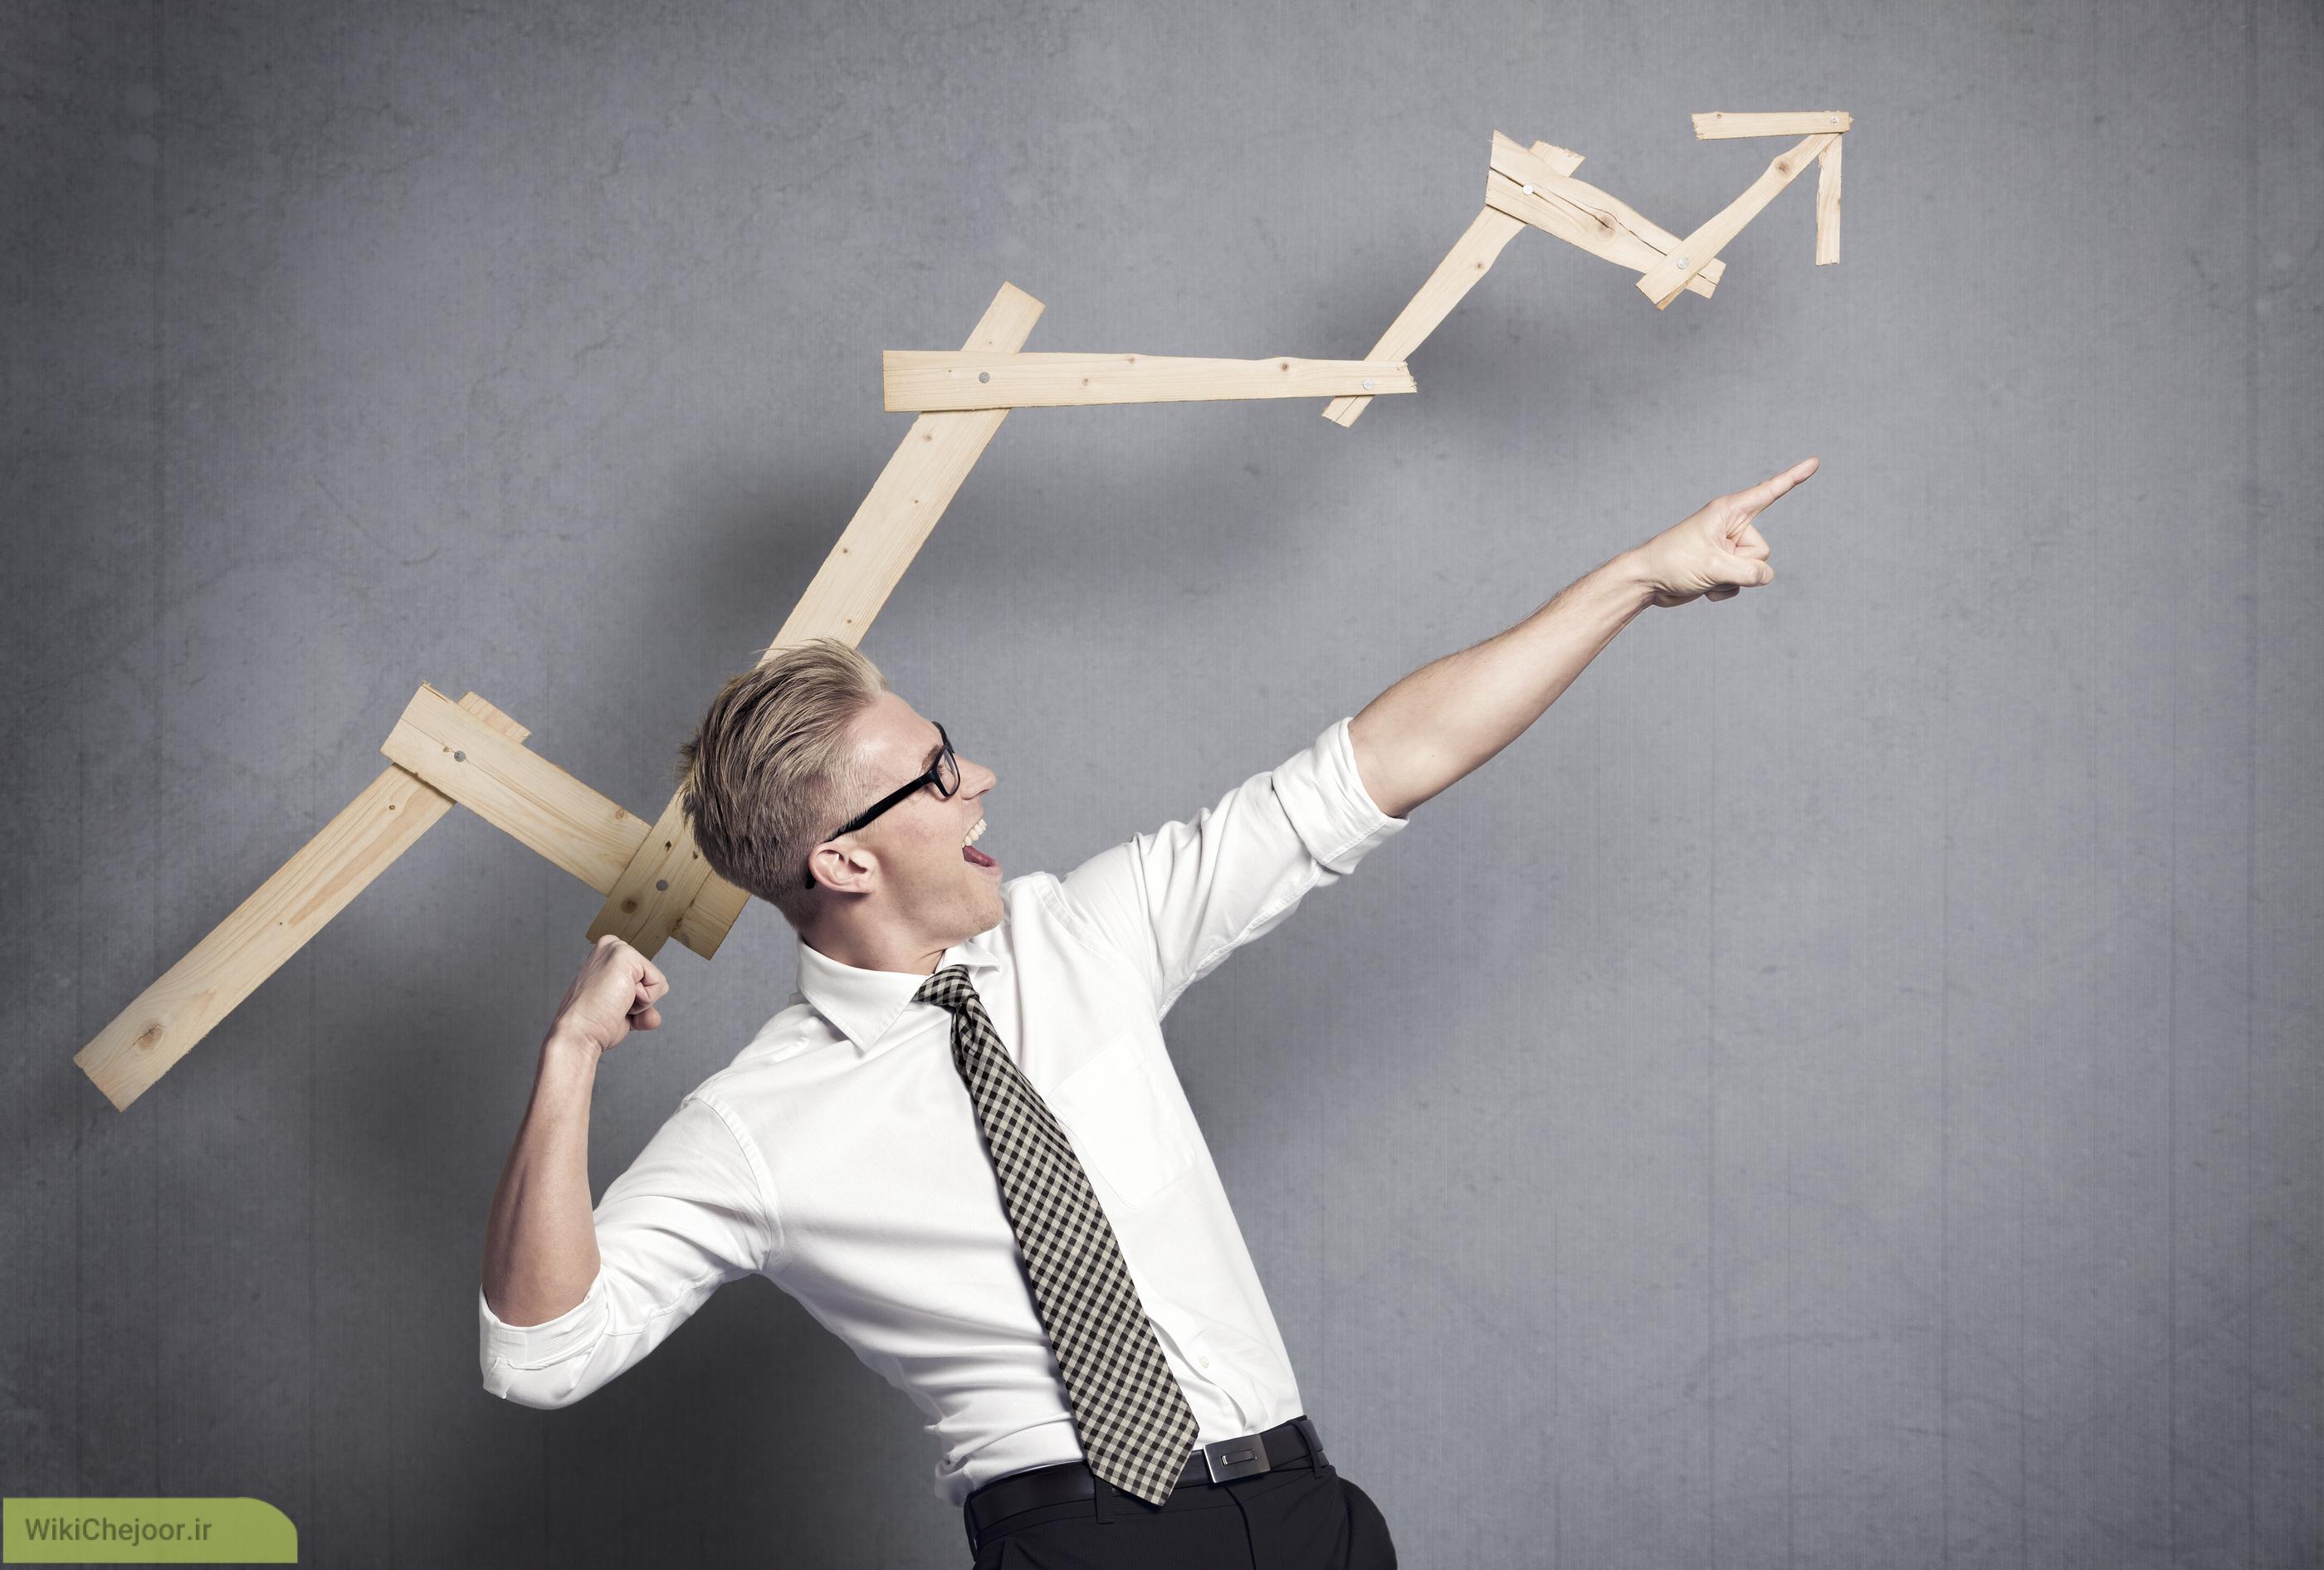 چگونه در کسب و کار خود موفق شویم؟